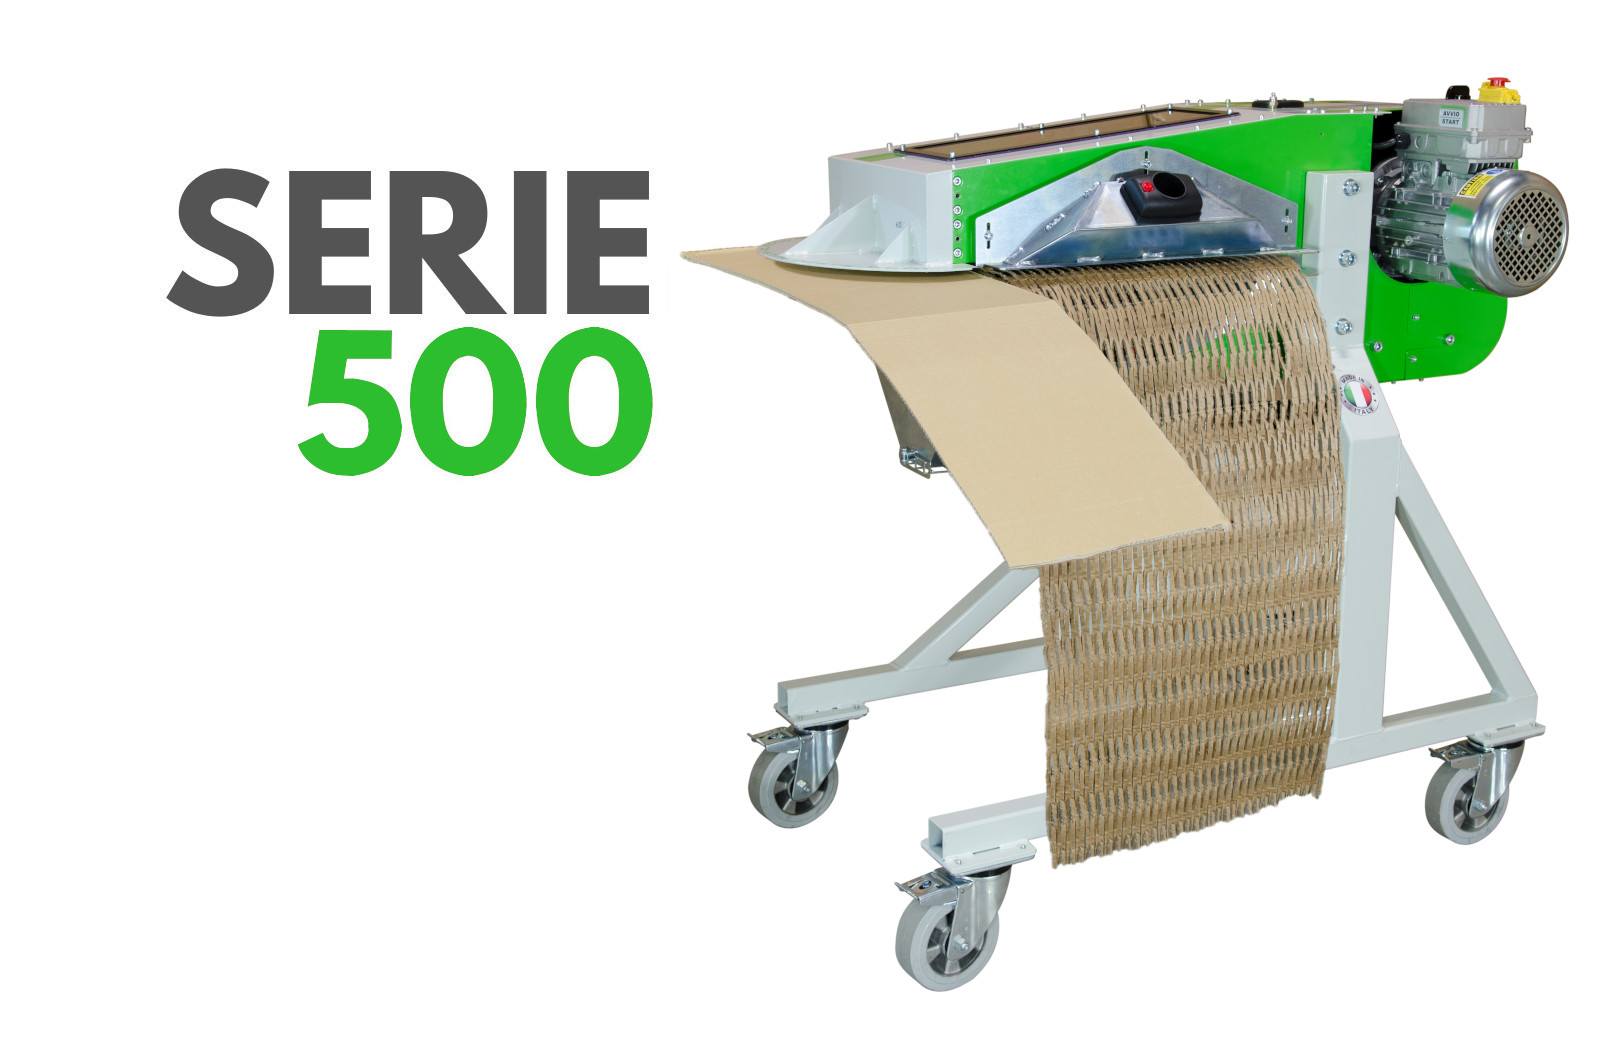 Edward Serie 500 - Edward